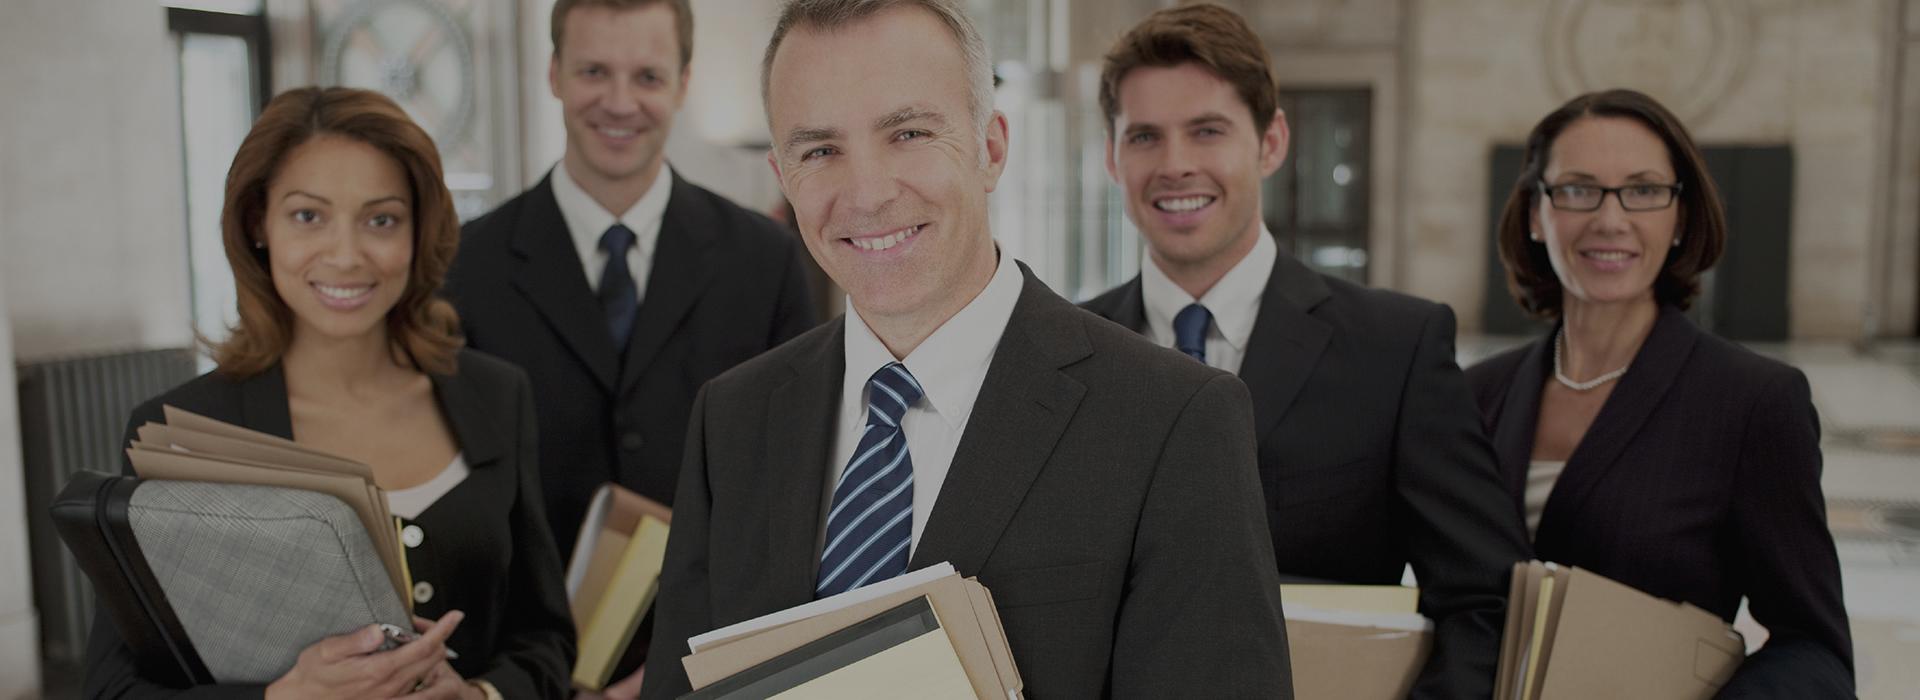 En Martín Molina trabajamos en servicios de auditoría, estando presentes en el mundo empresarial como un equipo de auditores de reconocida experiencia.